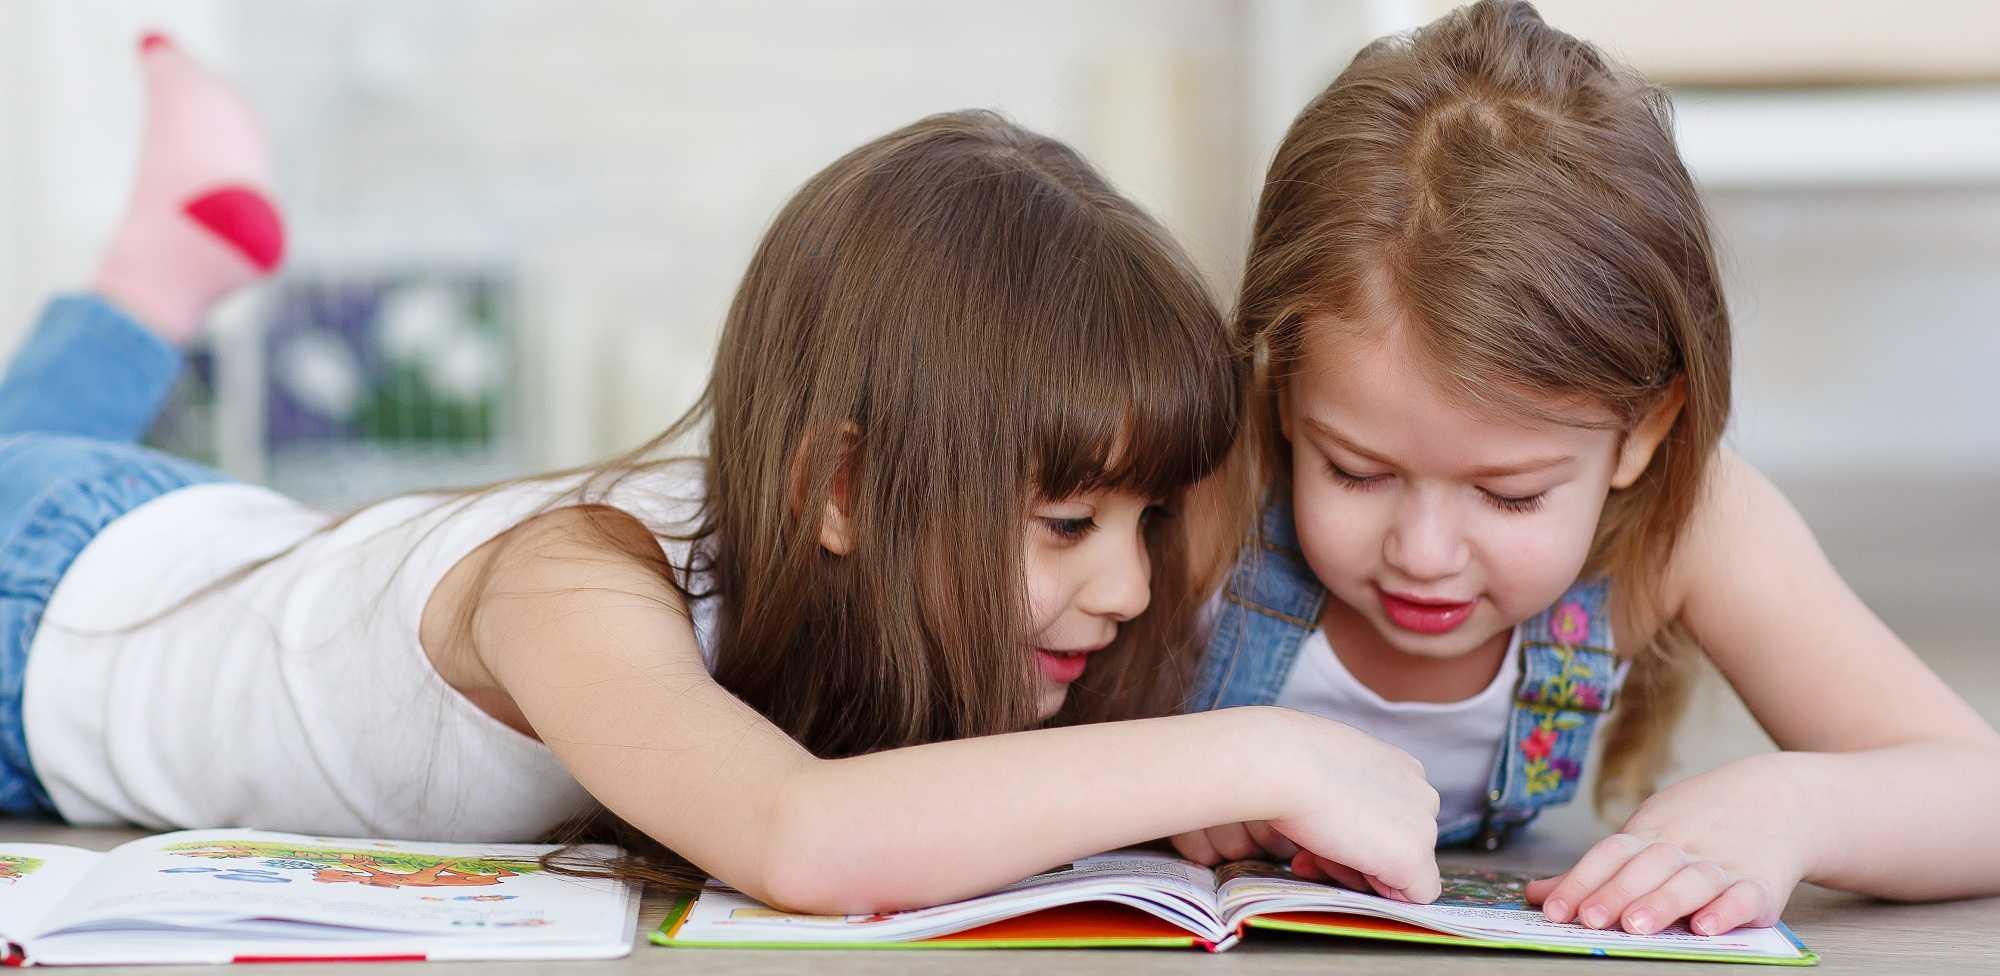 """Един уникален проект """"Четене от самото начало"""" - какво постигнаха деца, учители, библиотекари"""